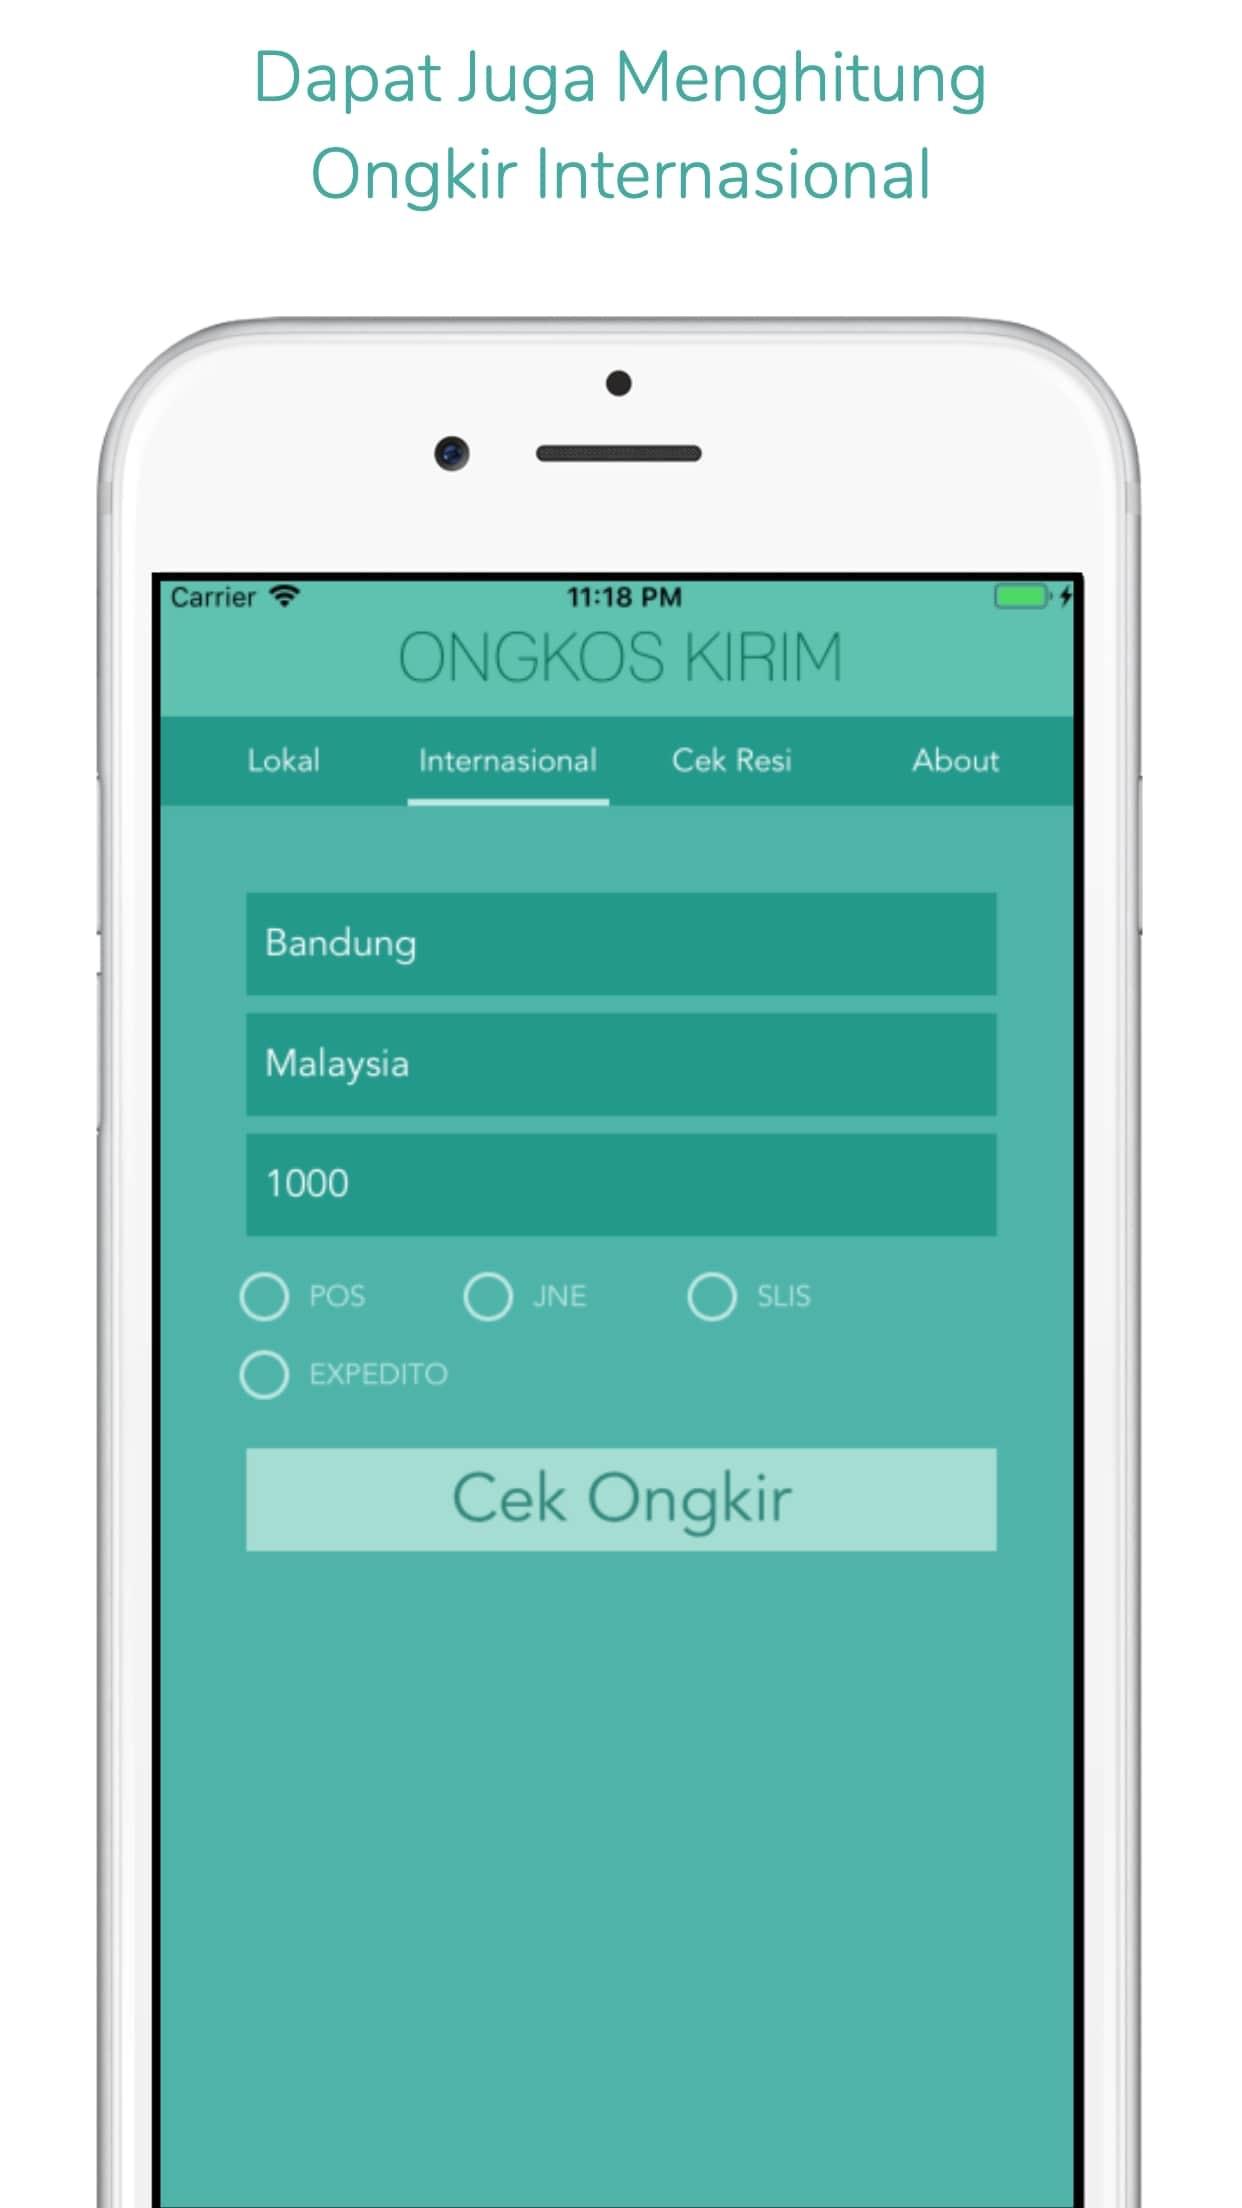 Ongkos Kirim & Cek Resi Screenshot